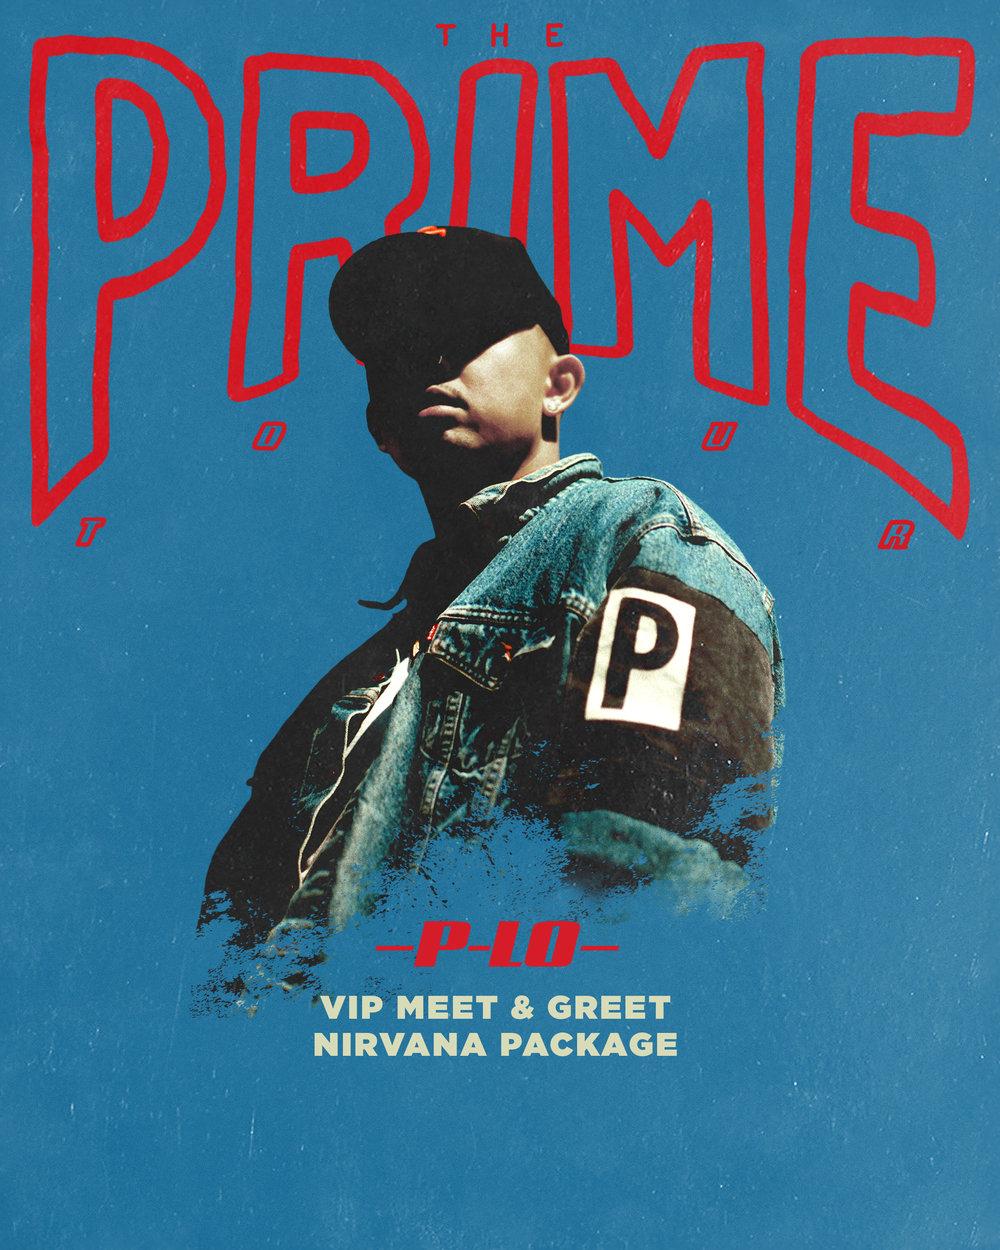 PRIME_PLO_TOUR_NIRVANA.jpg